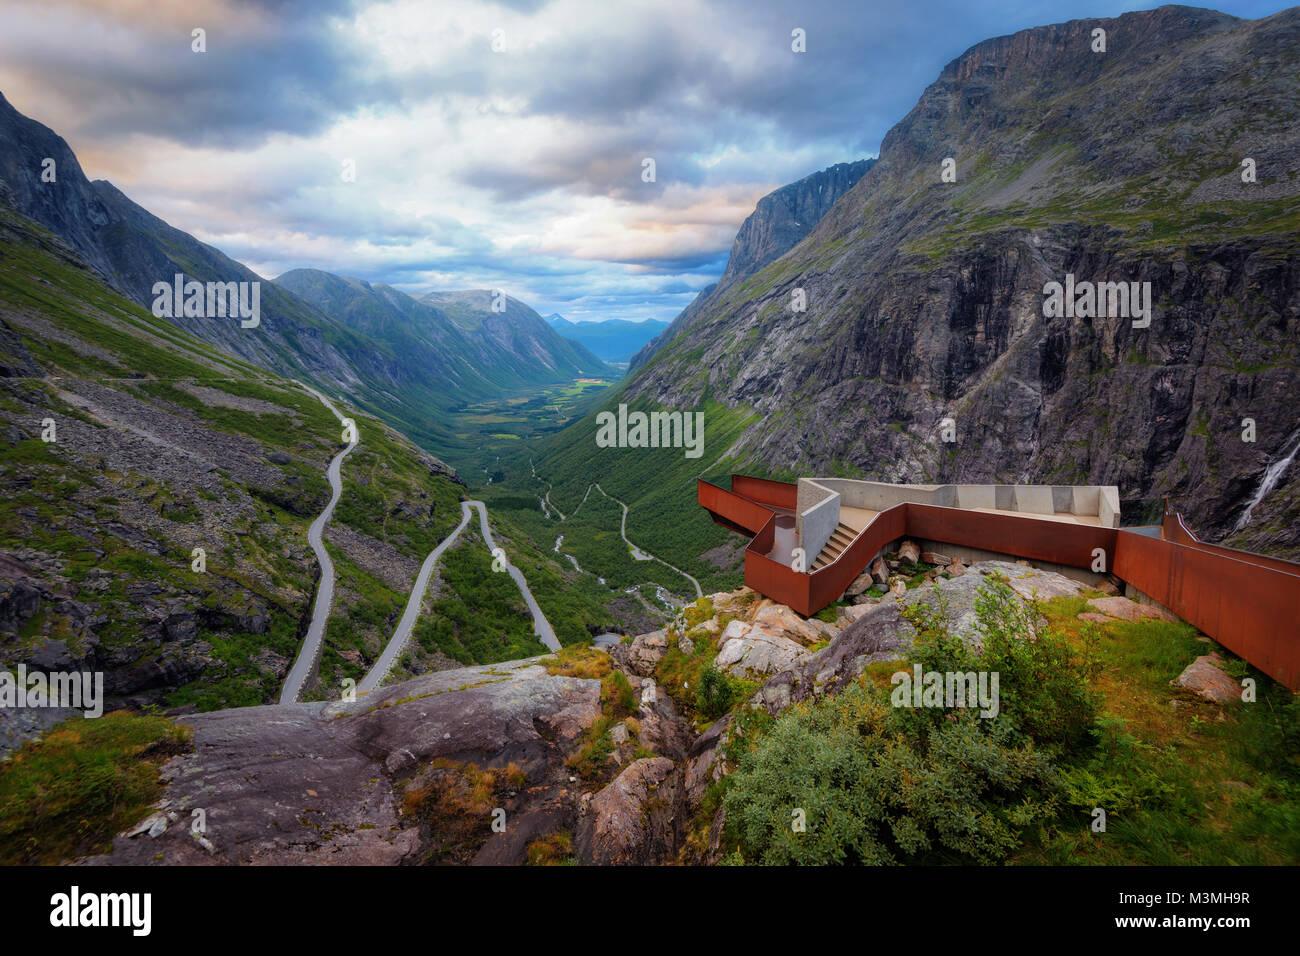 Trollstigen Norway taken in 2017 - Stock Image